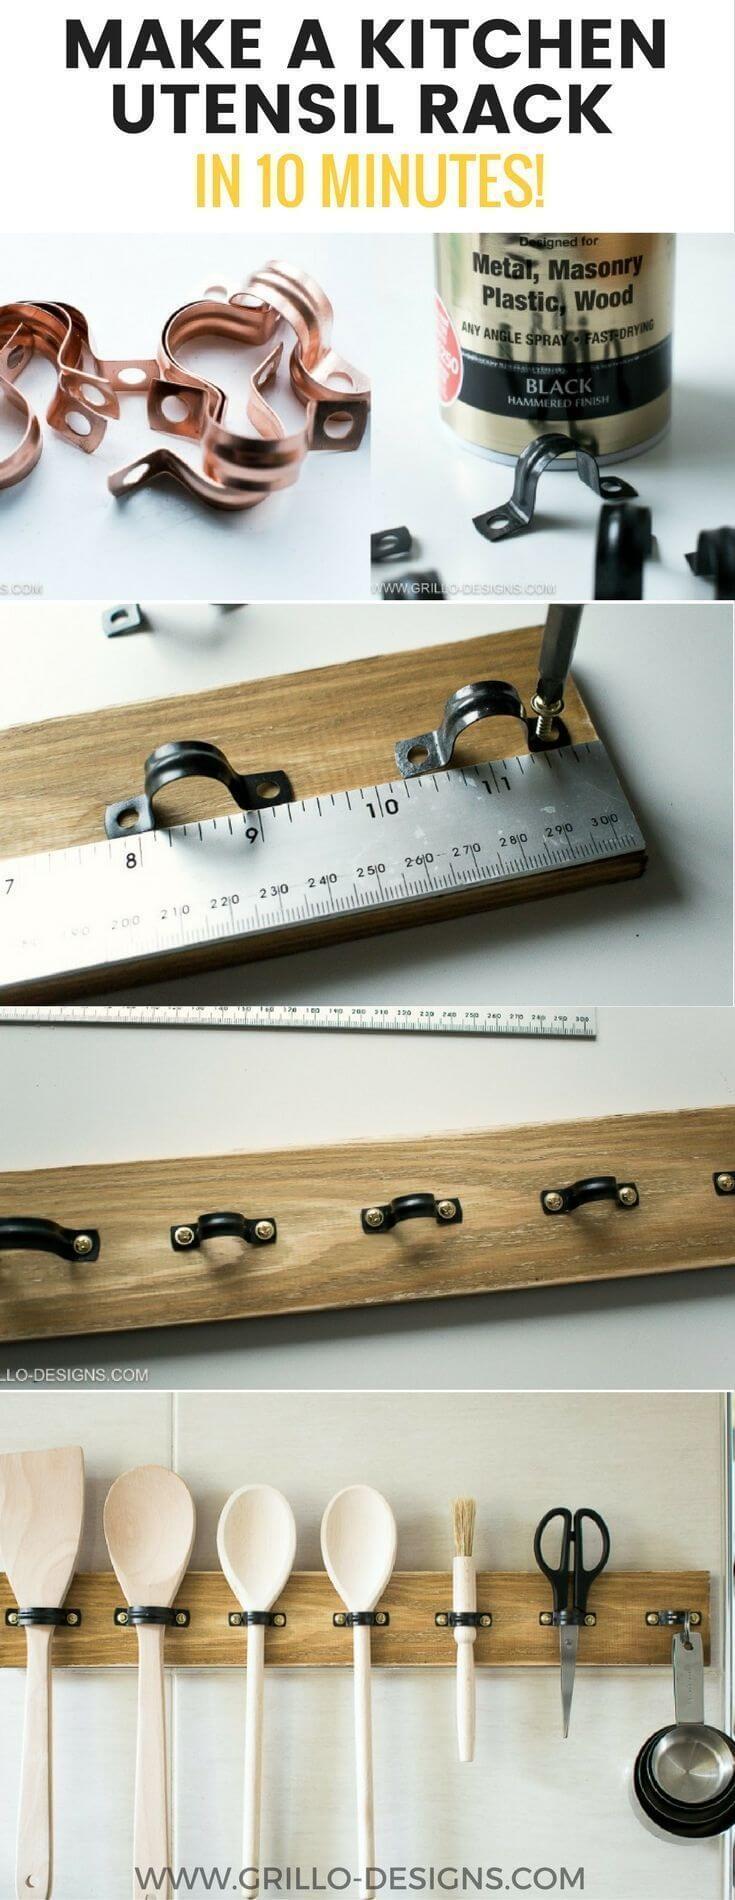 Easy To Make Kitchen Utensil Rack